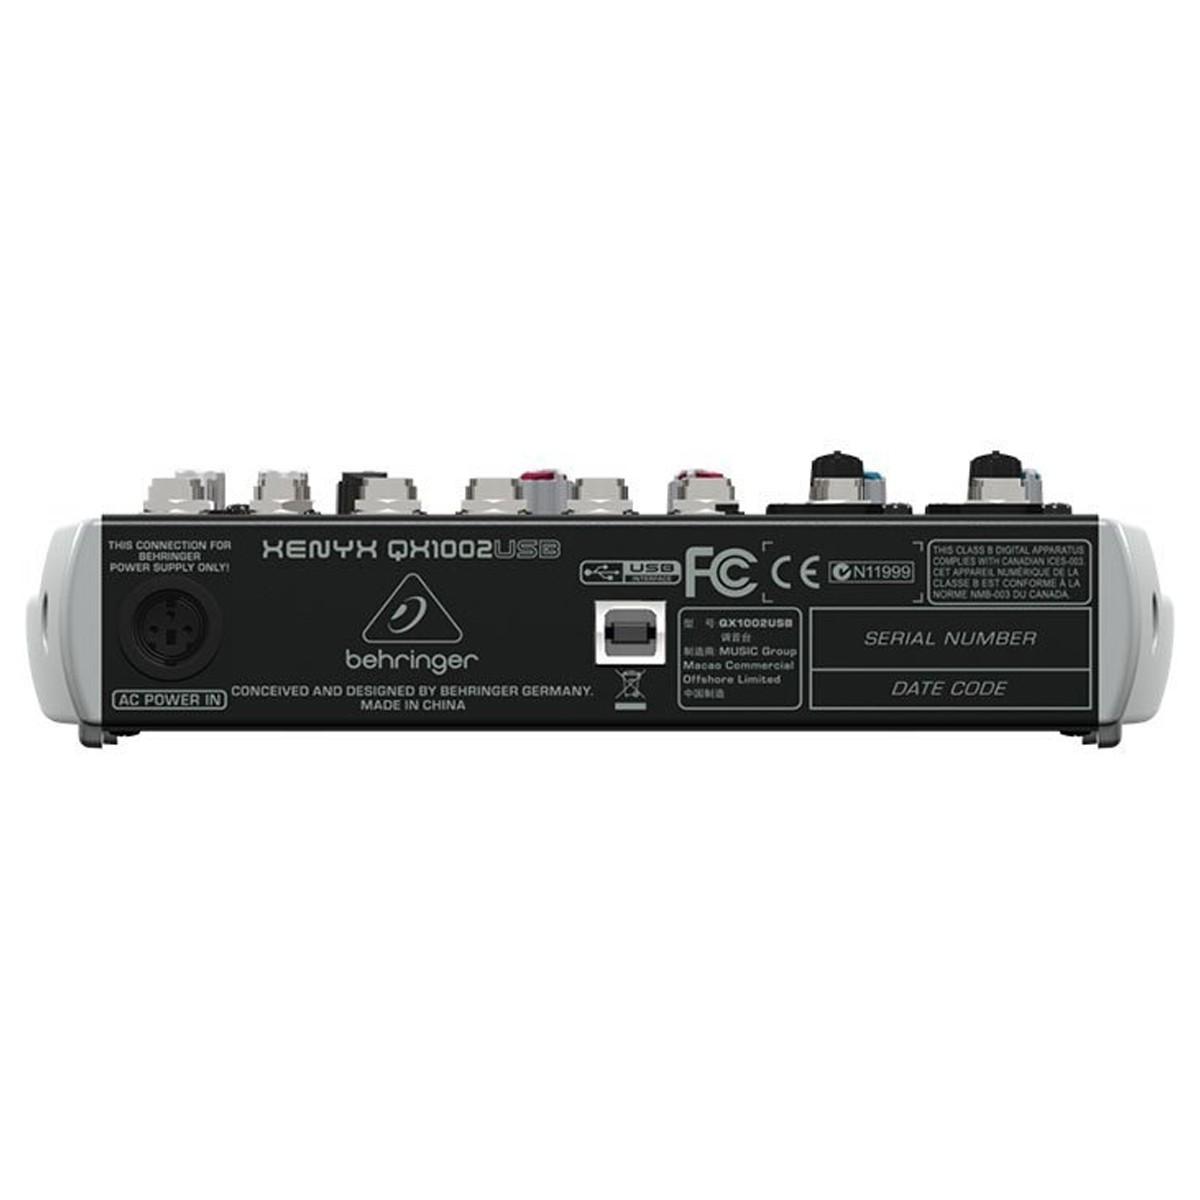 Mesa 2 canais XLR, 4 estéreo FX, 48v USB Behringer QX1002USB